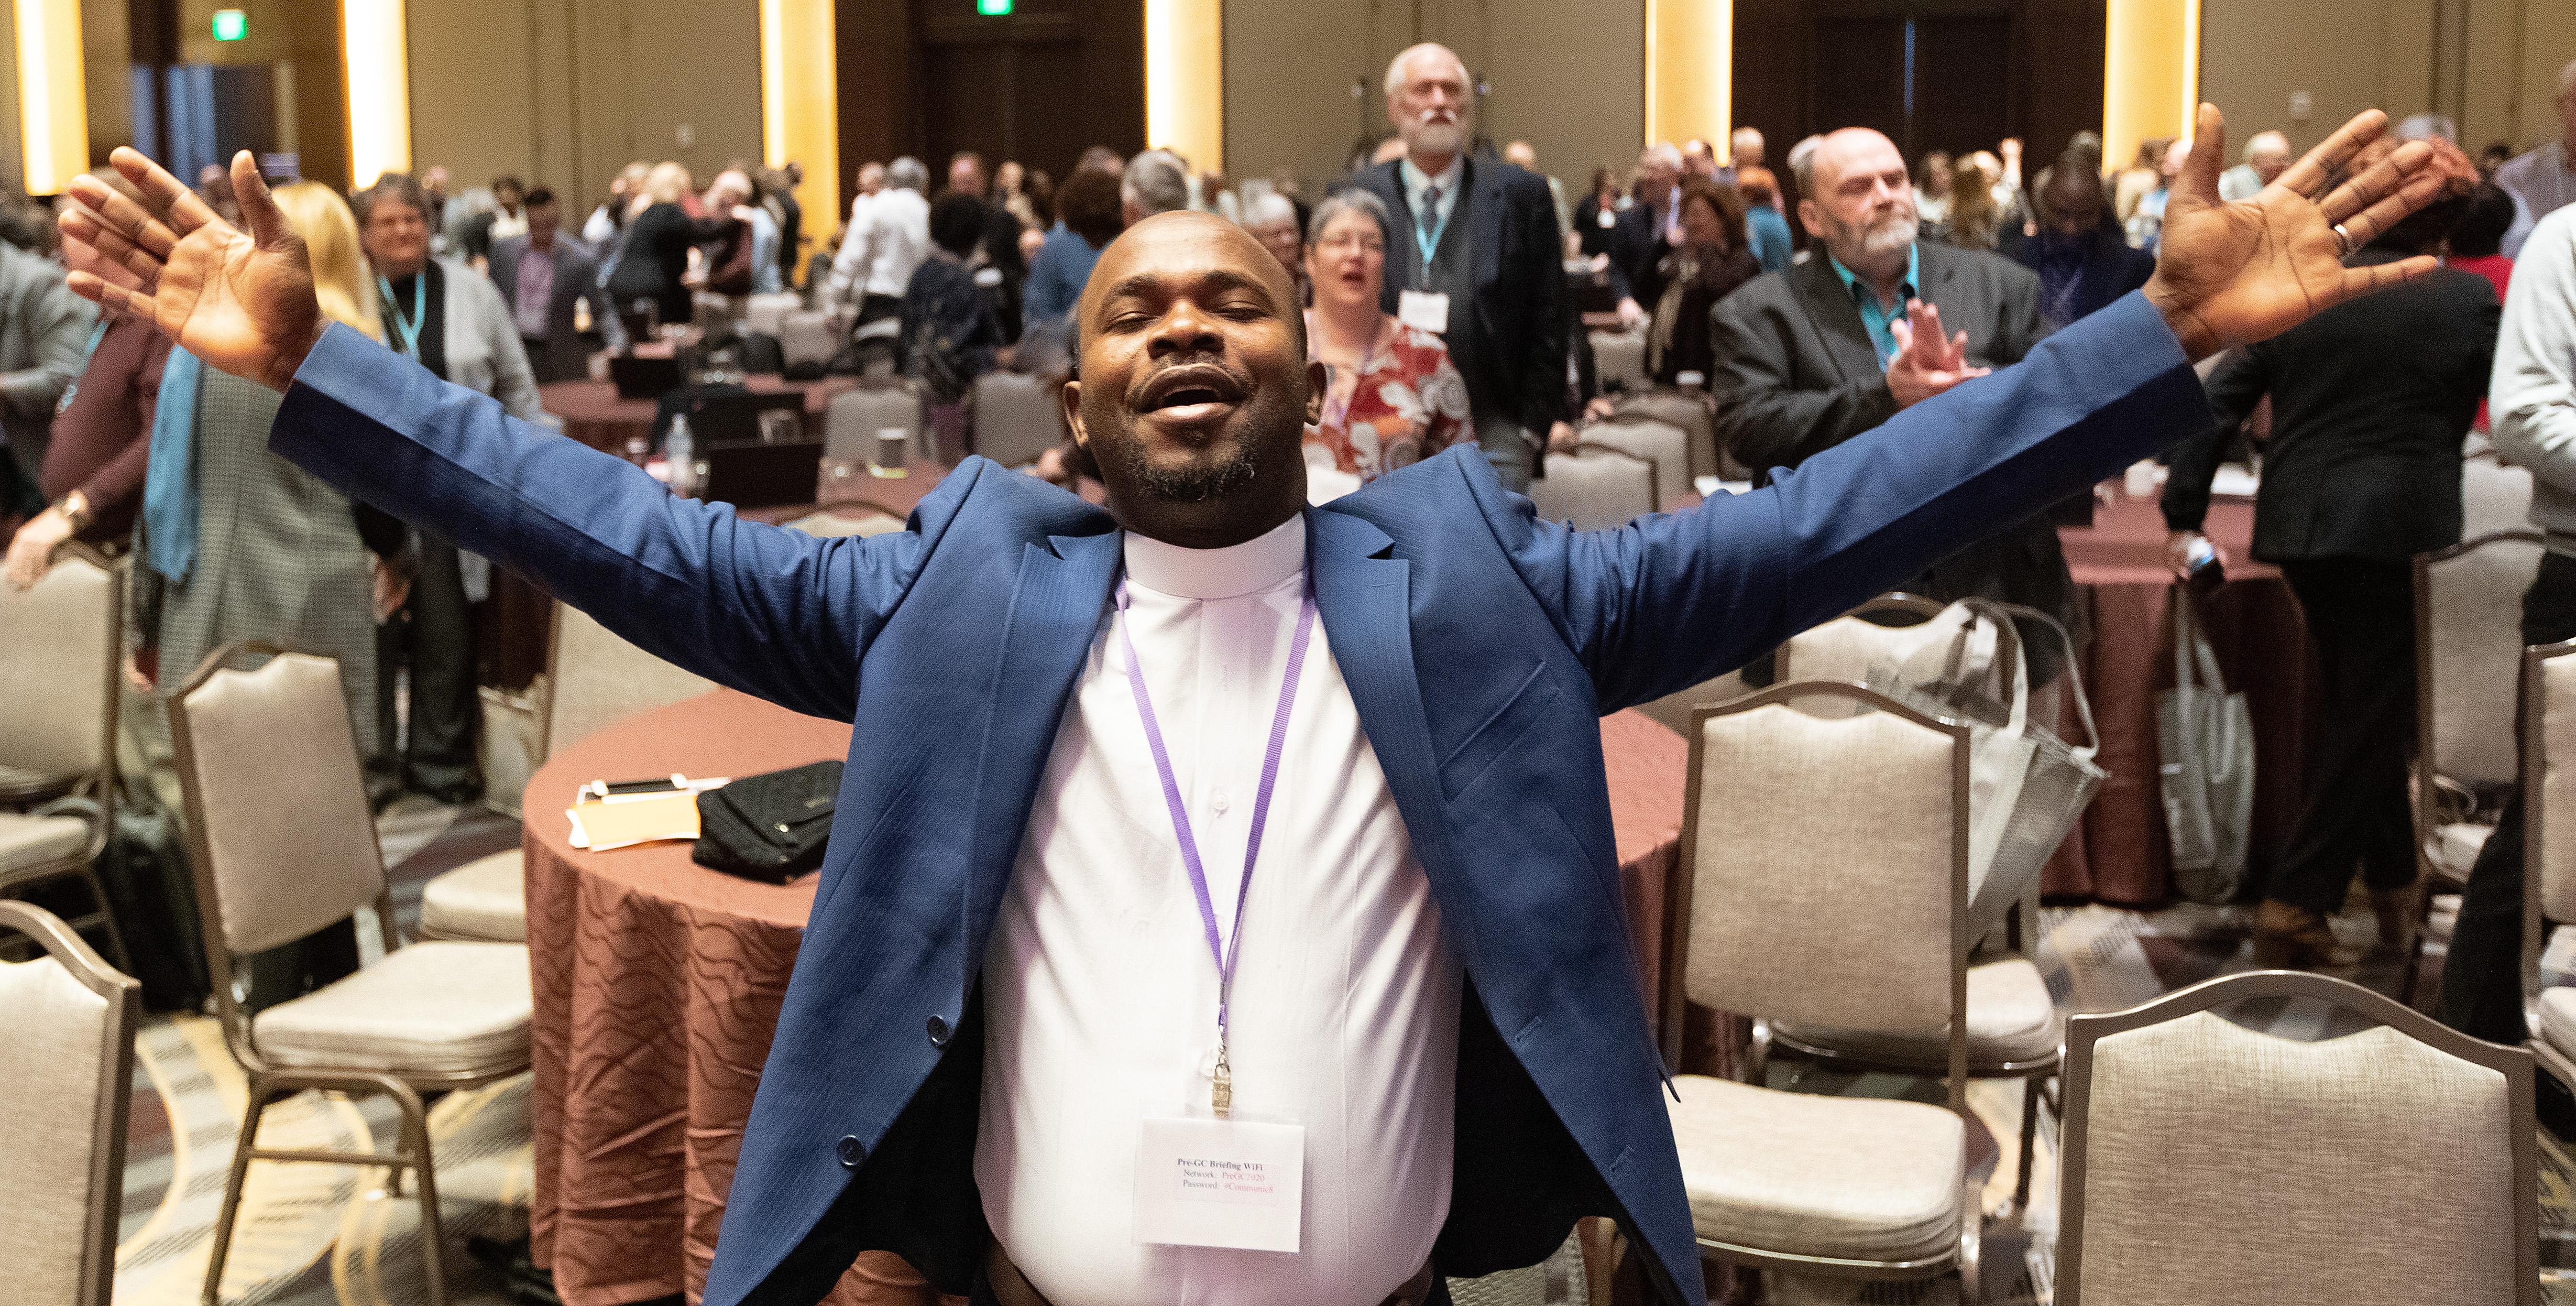 El Rev. Ande Emmanuel levanta los brazos en alabanza durante el culto de apertura en la reunión informativa de la Pre Conferencia General 2020 en Nashville, Tennessee. Foto de Mike DuBose, Noticias MU.